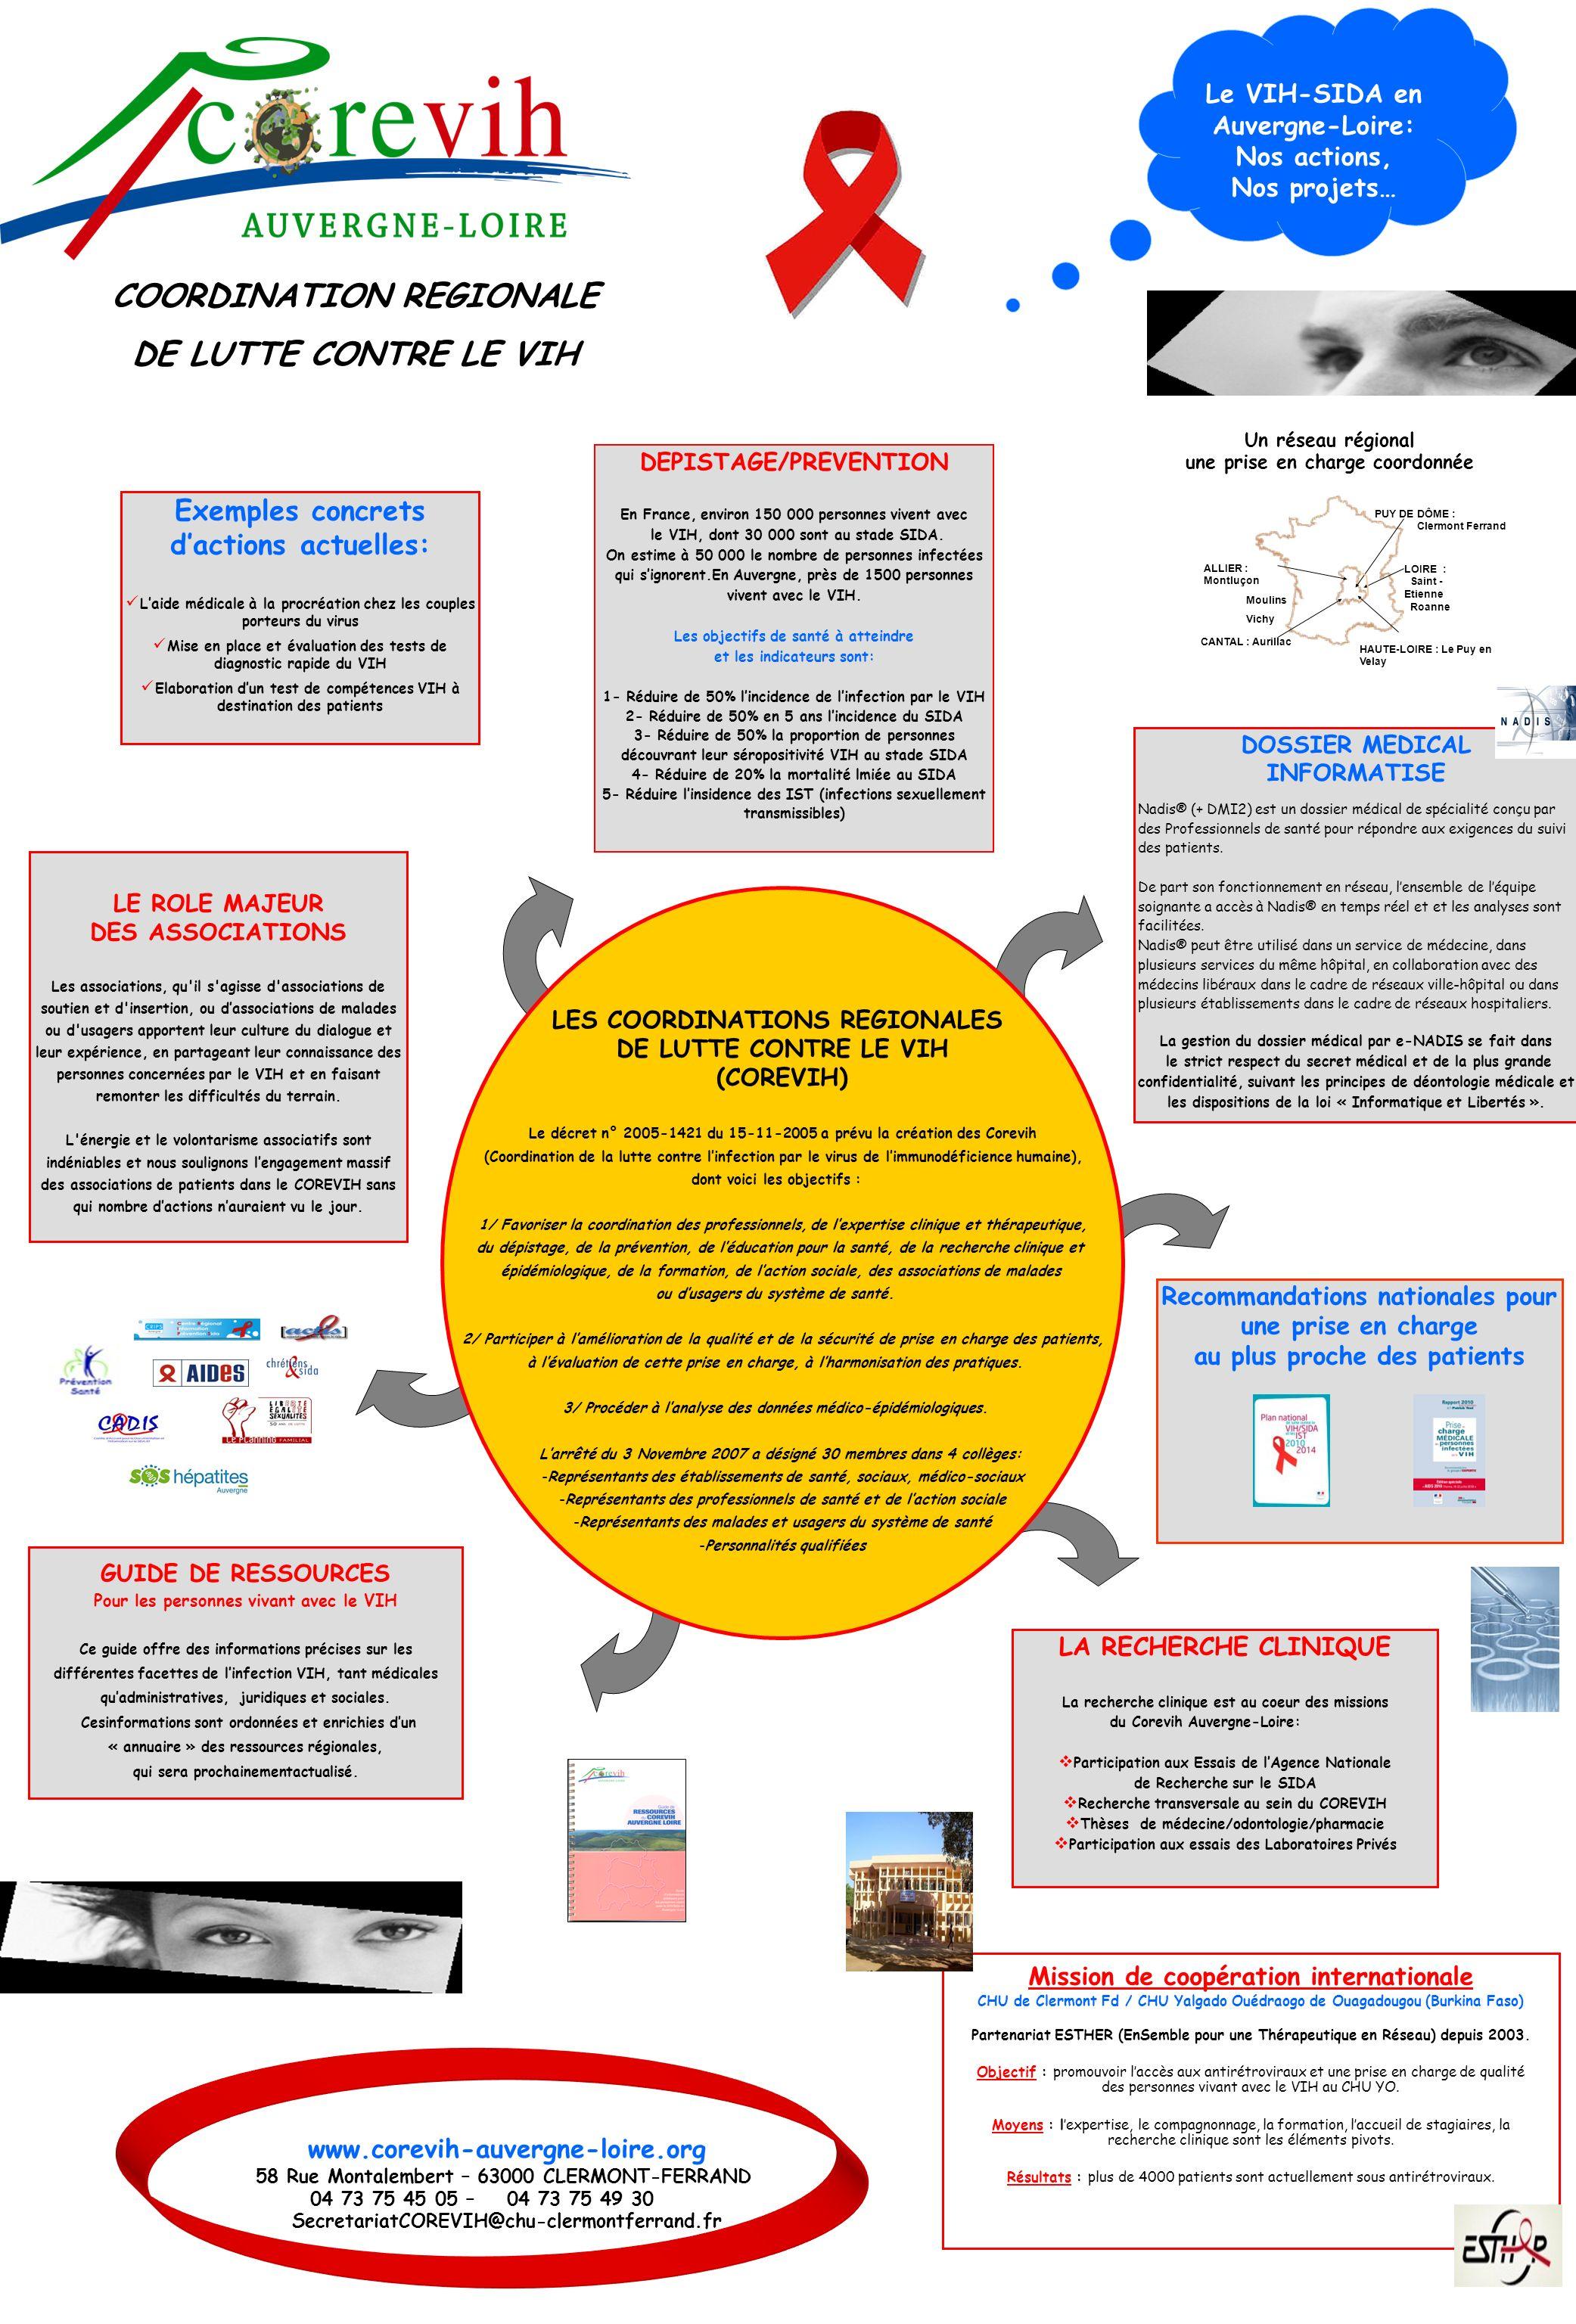 DOSSIER MEDICAL INFORMATISE Nadis® (+ DMI2) est un dossier médical de spécialité conçu par des Professionnels de santé pour répondre aux exigences du suivi des patients.